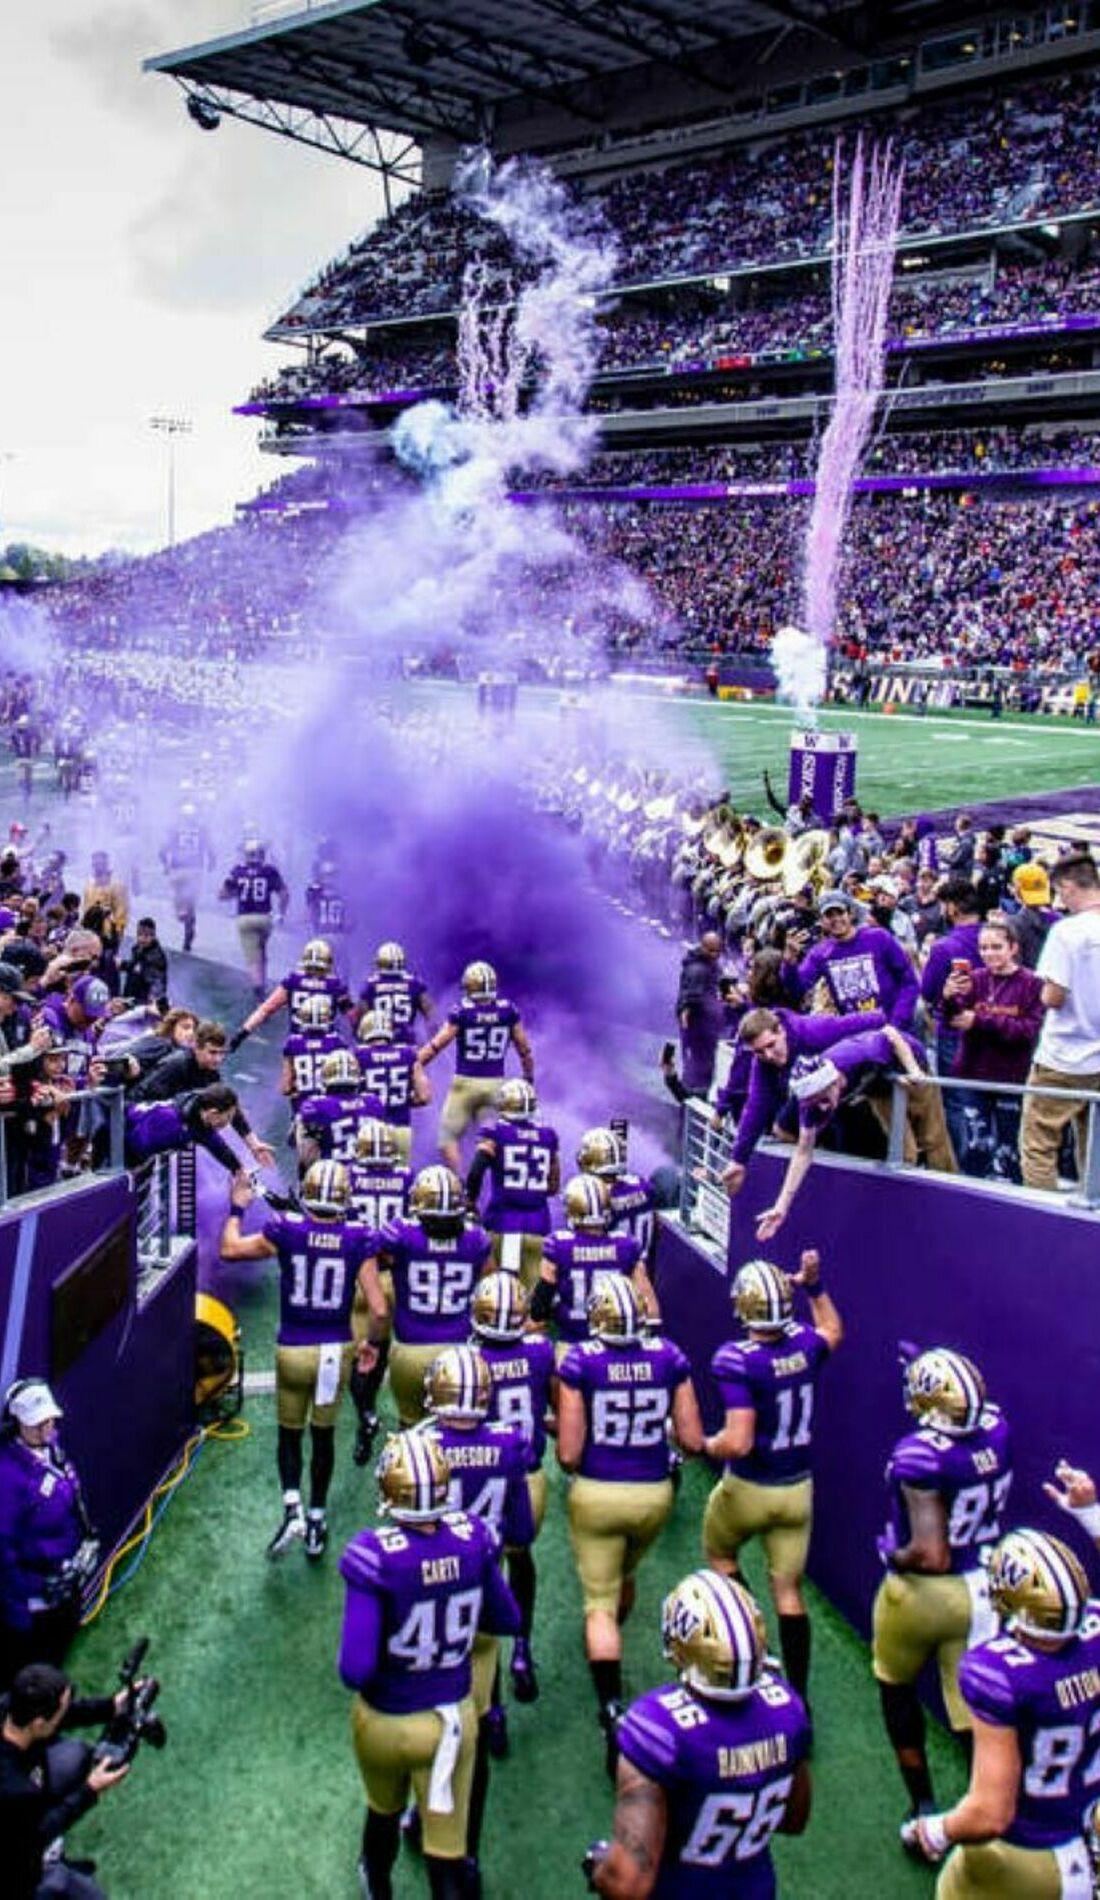 A Washington Huskies Football live event